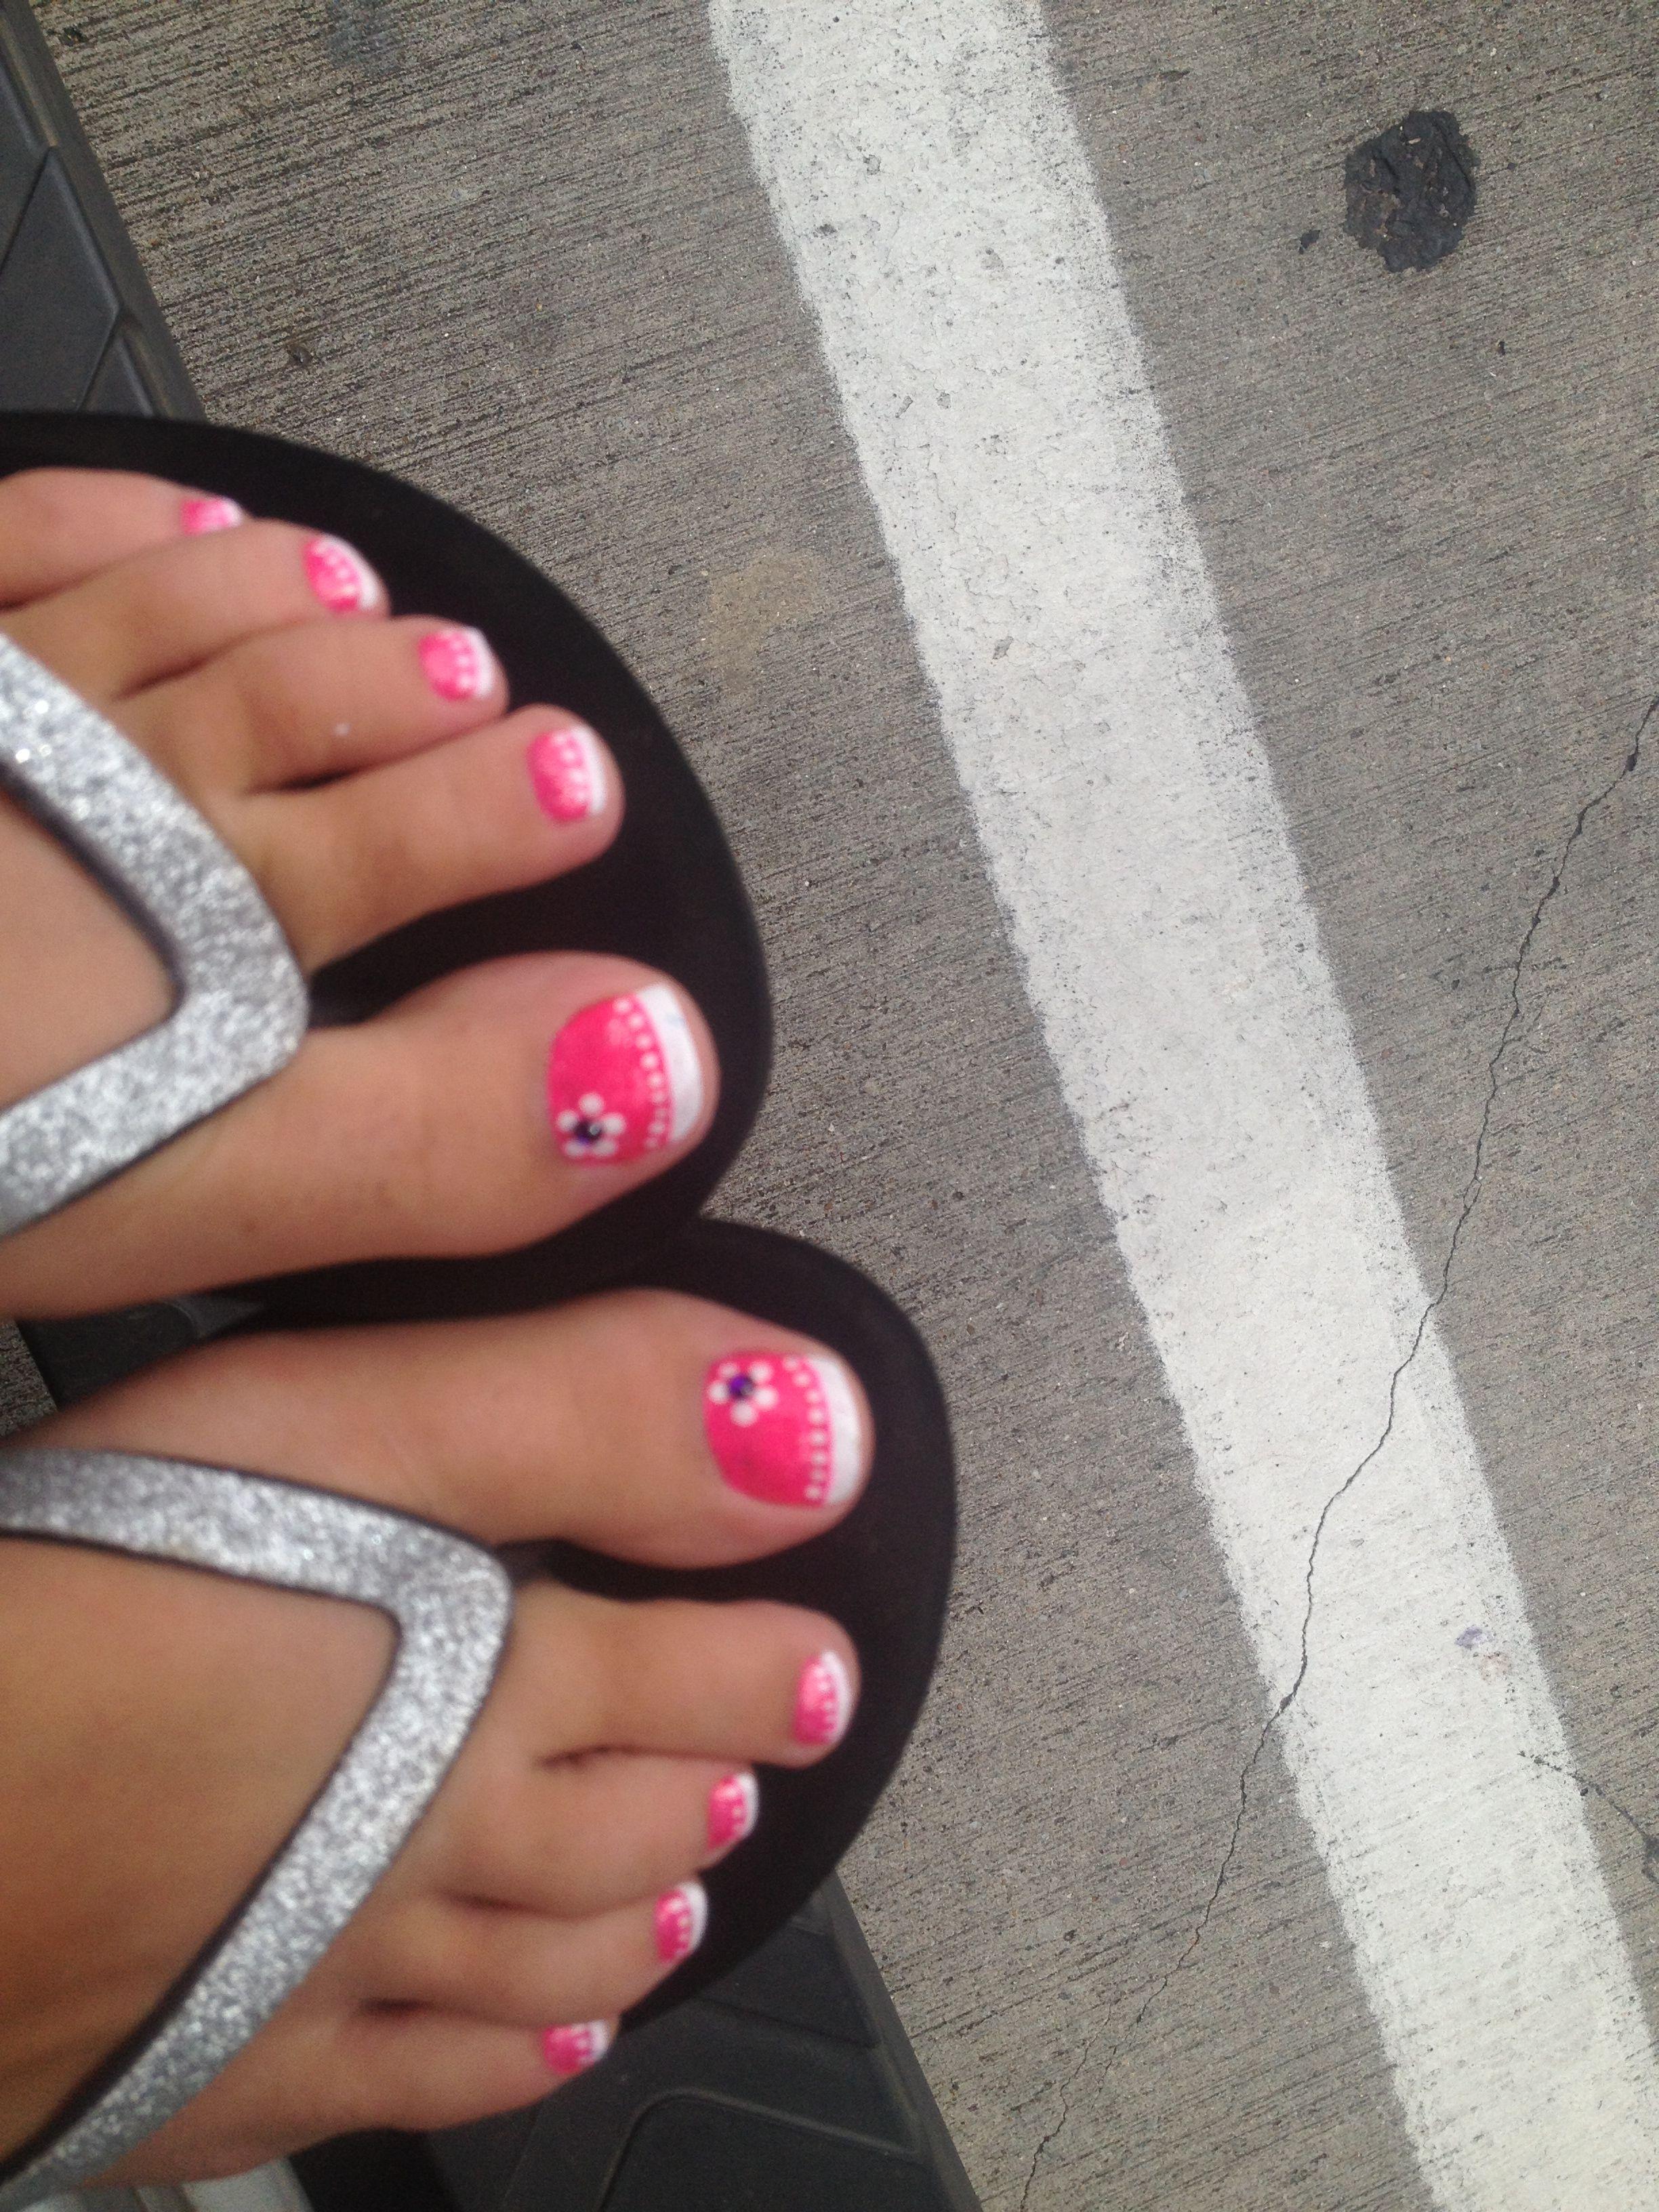 Pin von Penny Kipling auf Nails | Pinterest | Nagelschere, Fußpflege ...